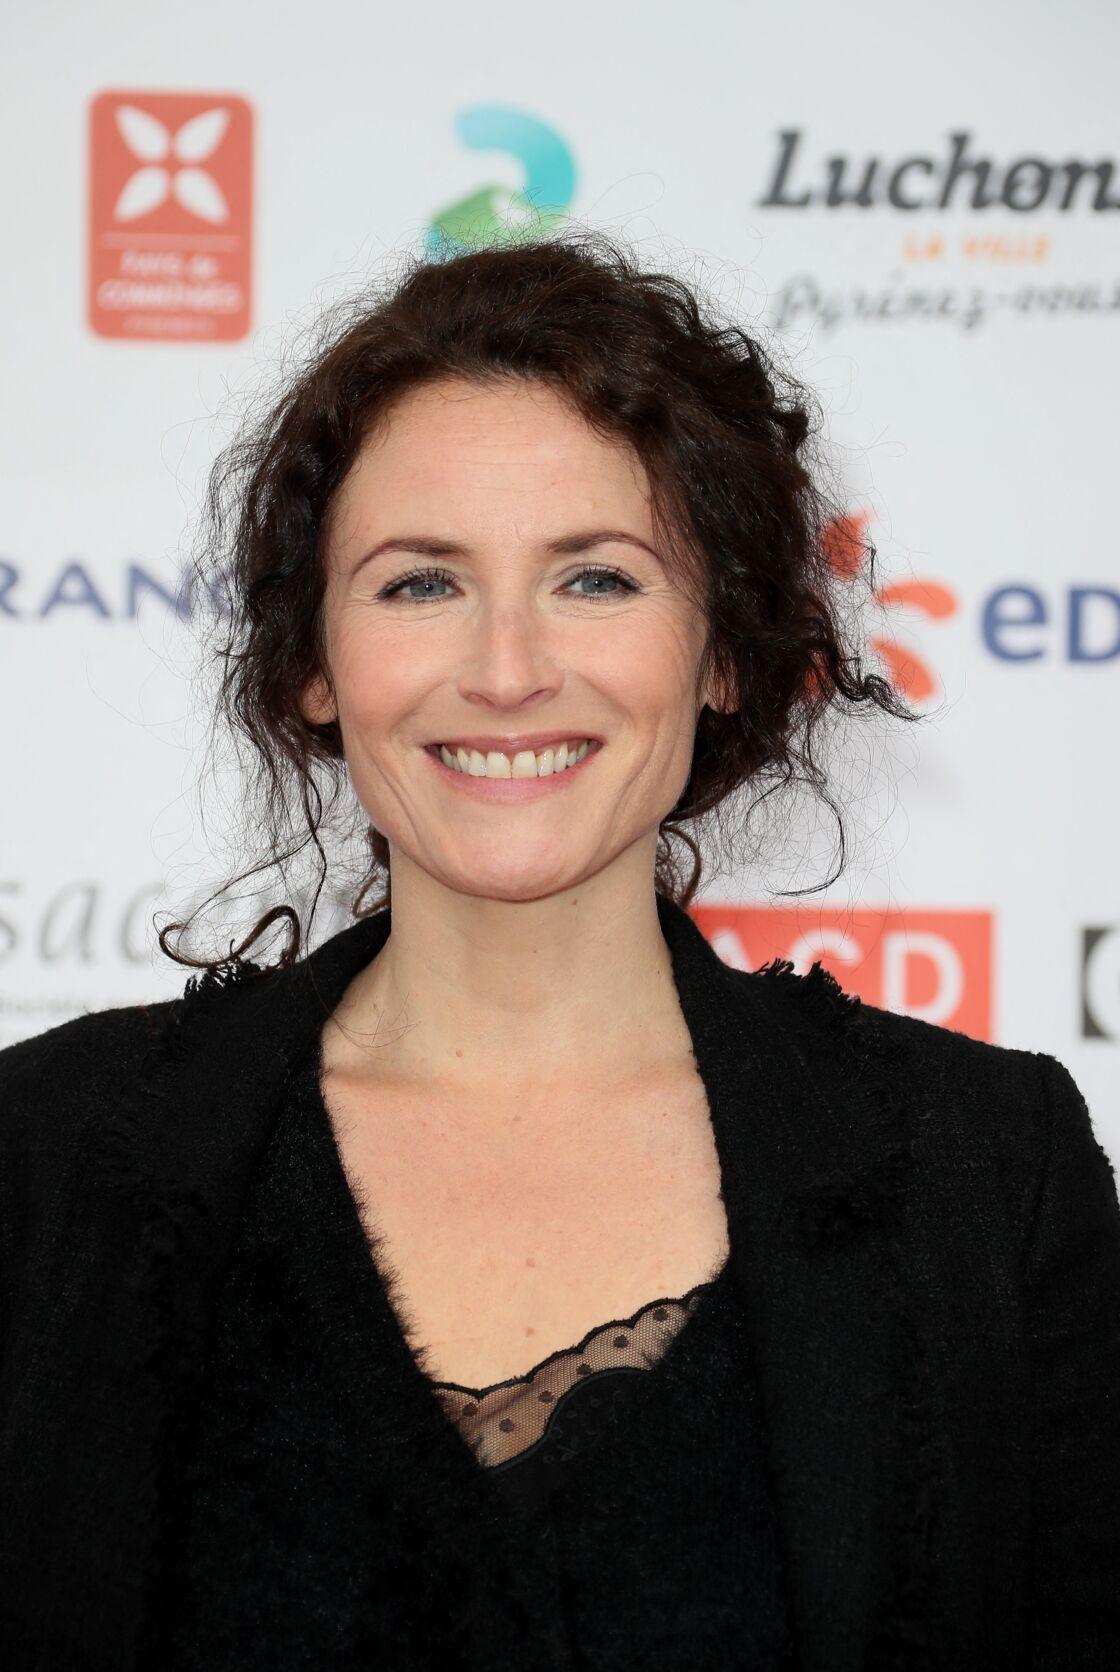 Elsa Lunghini pour